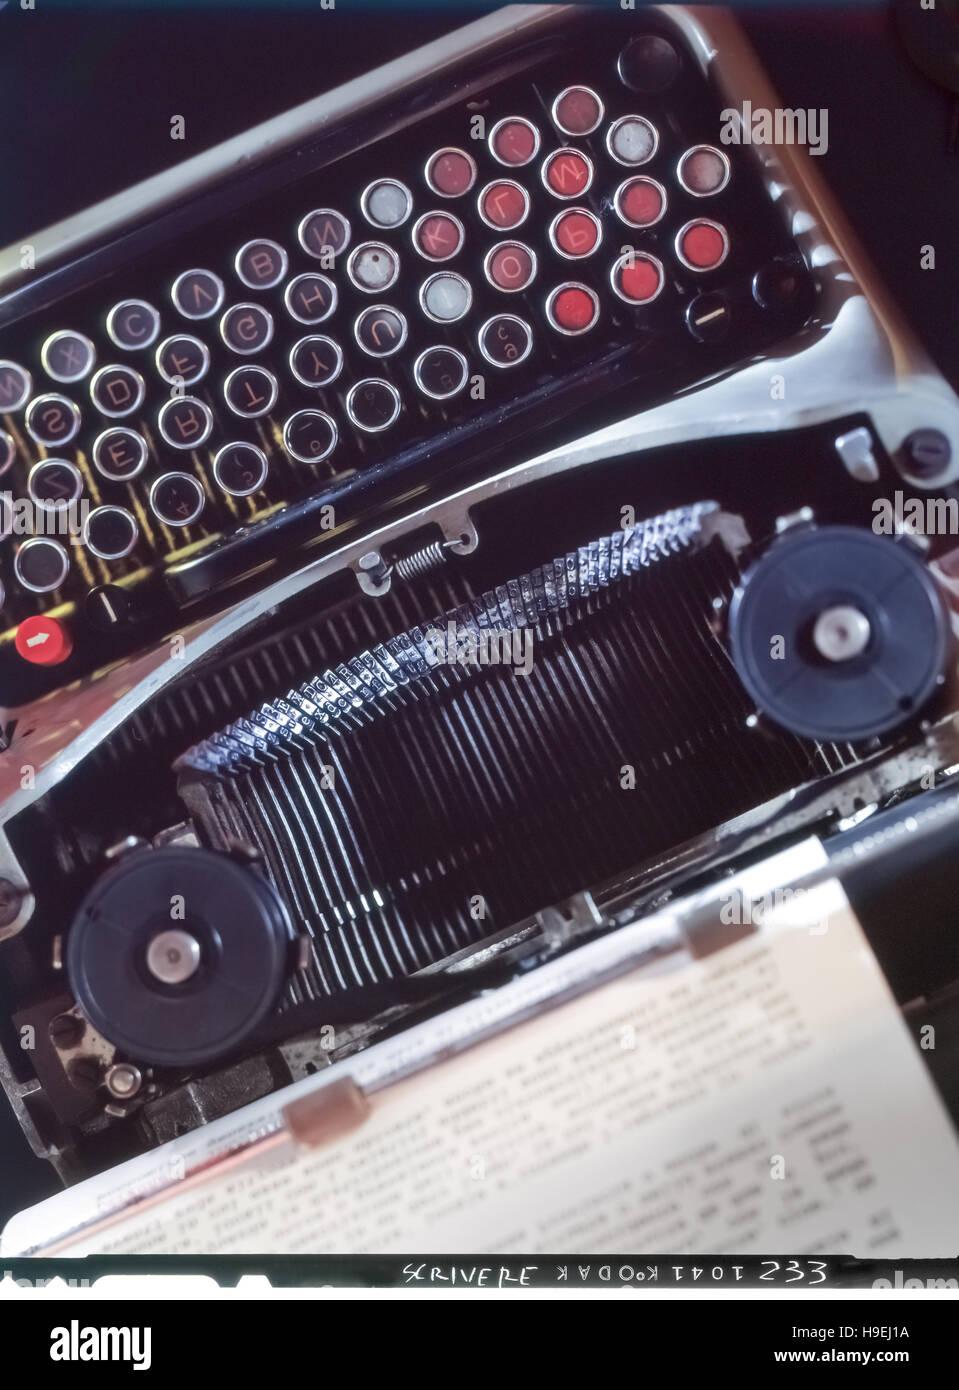 Ancien numérisé analogique glisser d'une machine à écrire avec détail feuille de papier Photo Stock